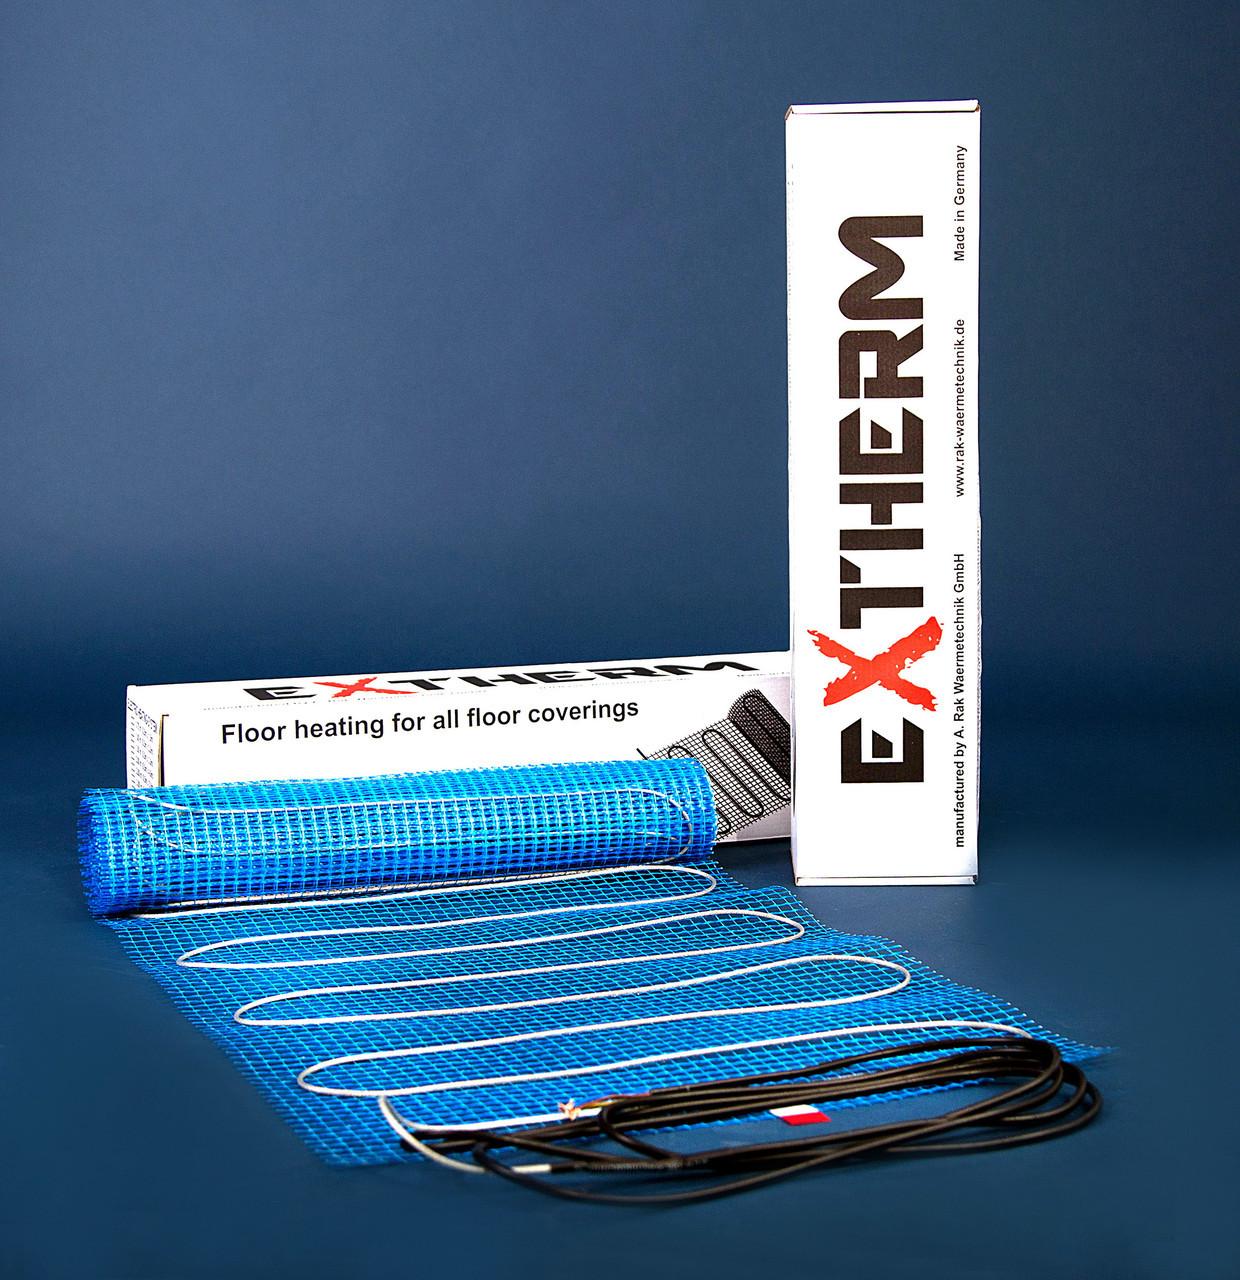 Нагревательный мат двухжильный EXTHERM ET ECO 1500-180 Разм. 500х30000 мм Мощность 2700 Вт. Класс защиты IPX7